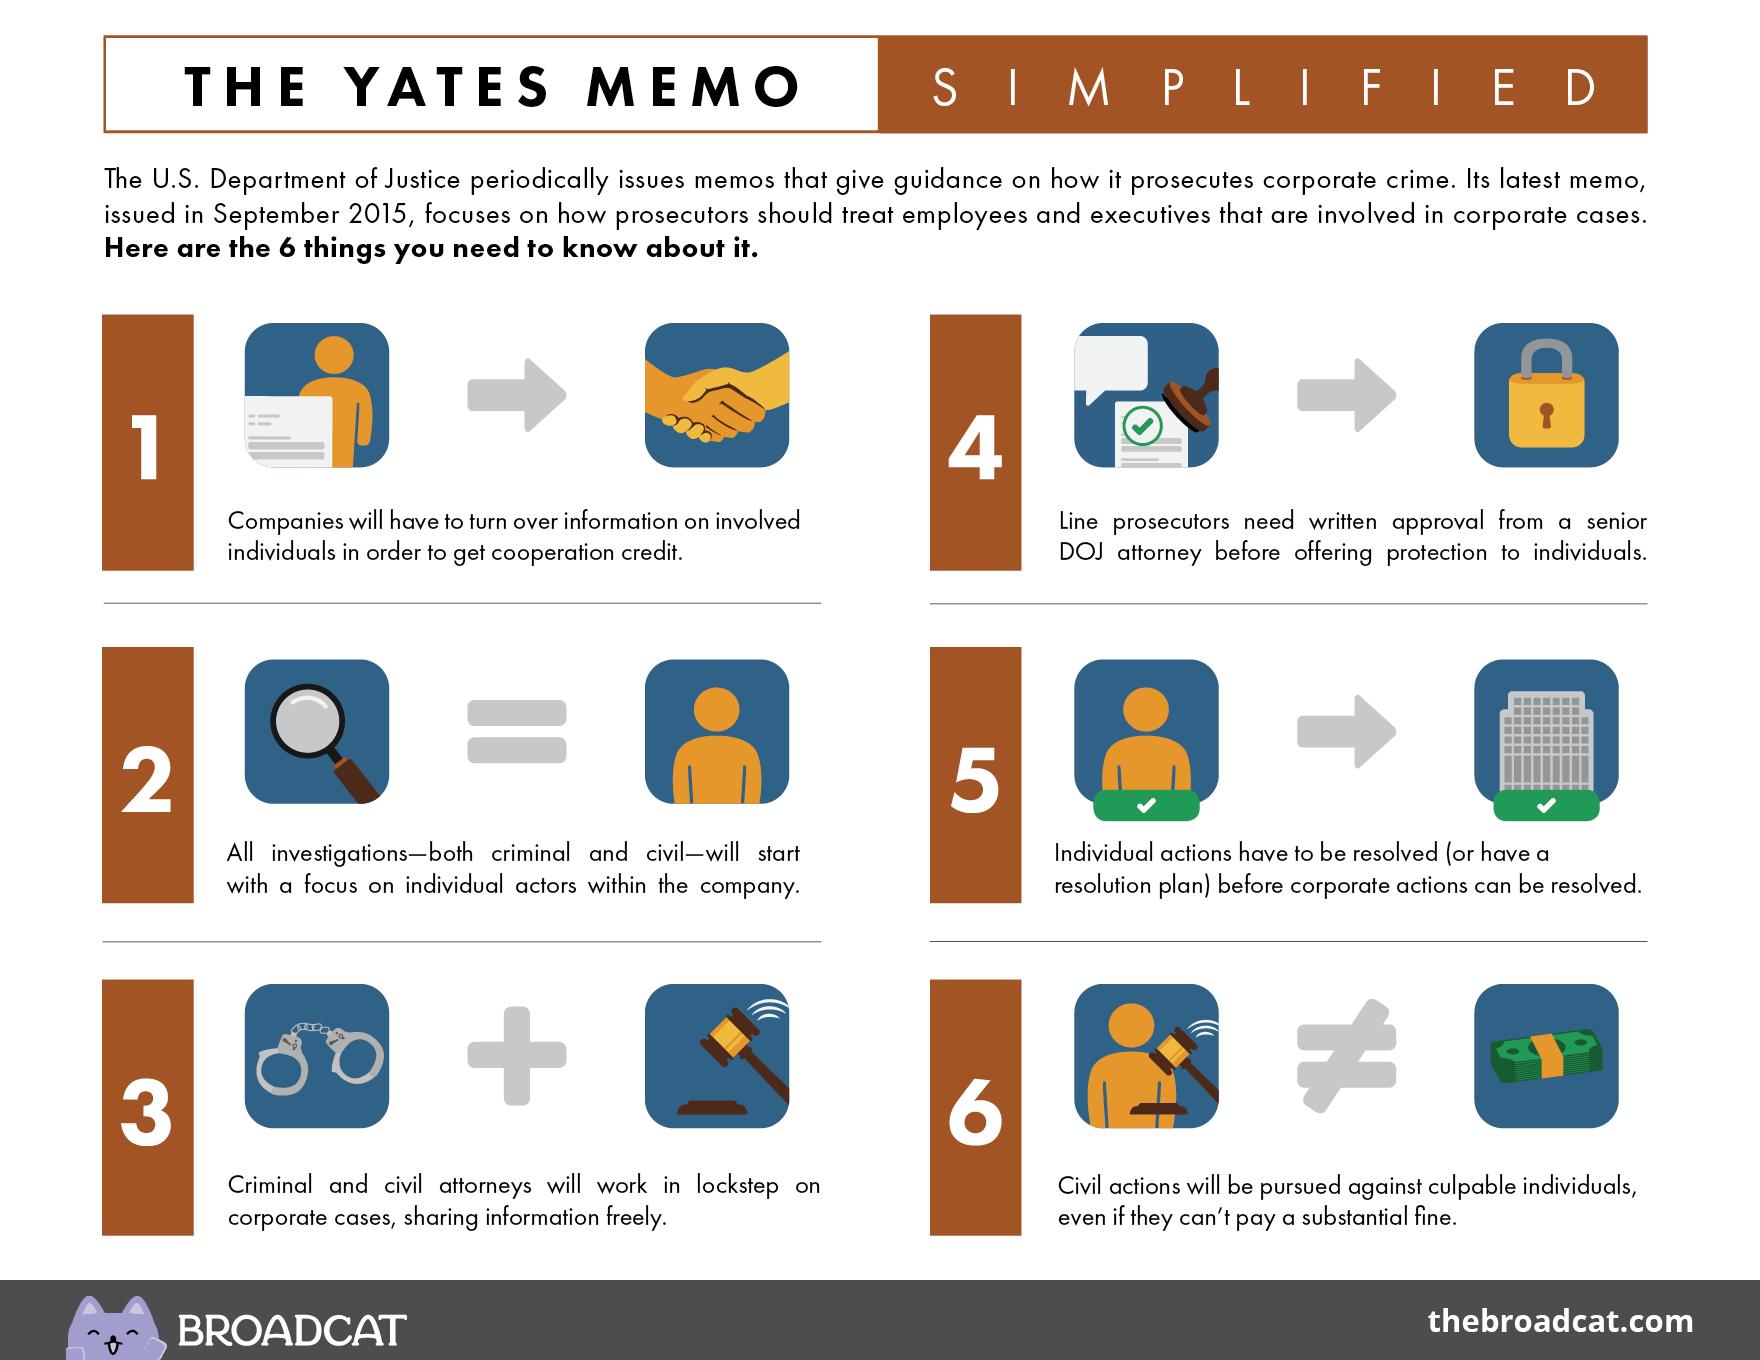 Broadcat-Promo-Yates-Memo-Simplified.png